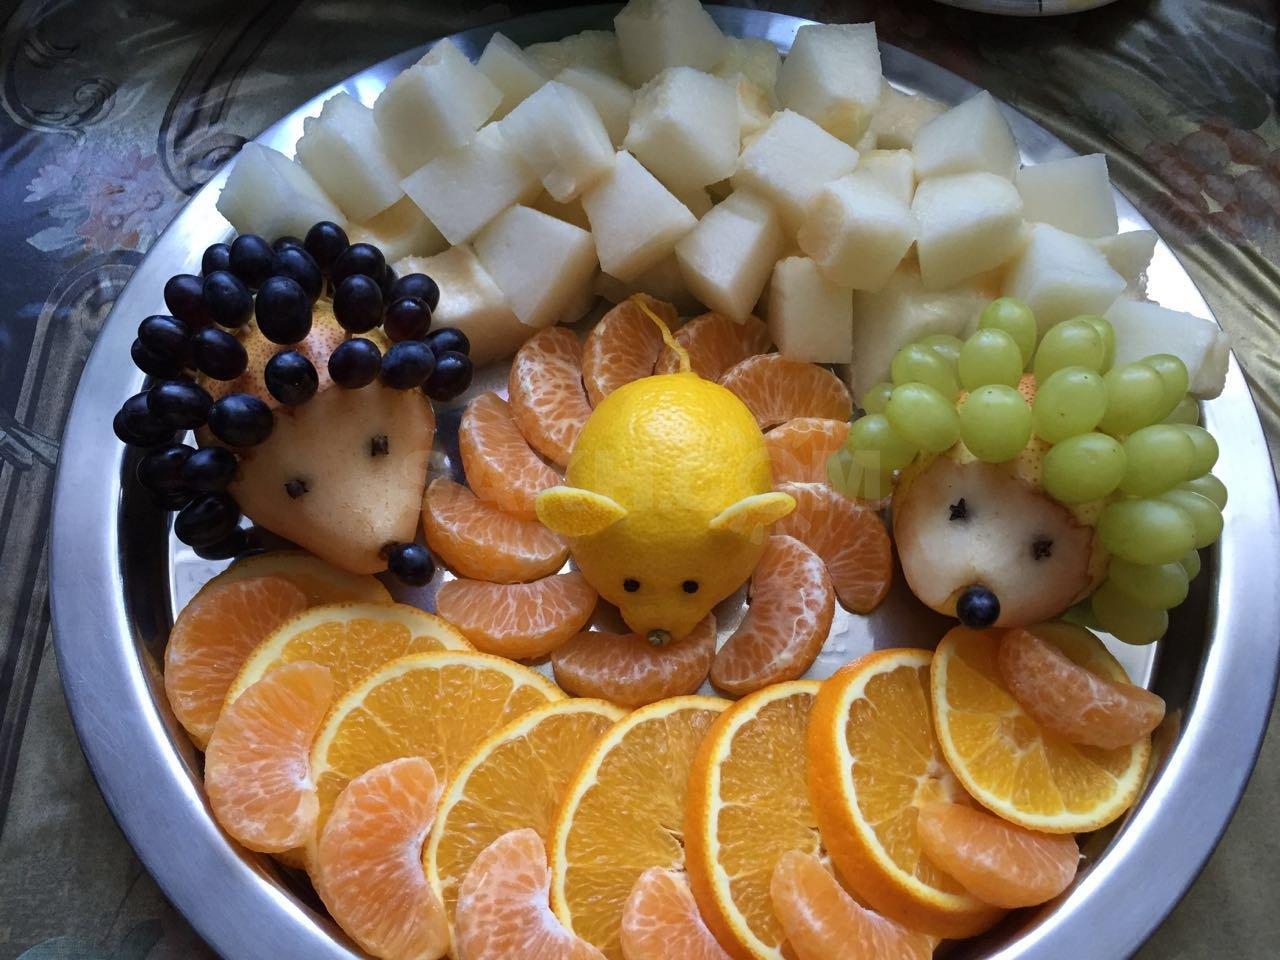 адам животные из фруктов фото закончила